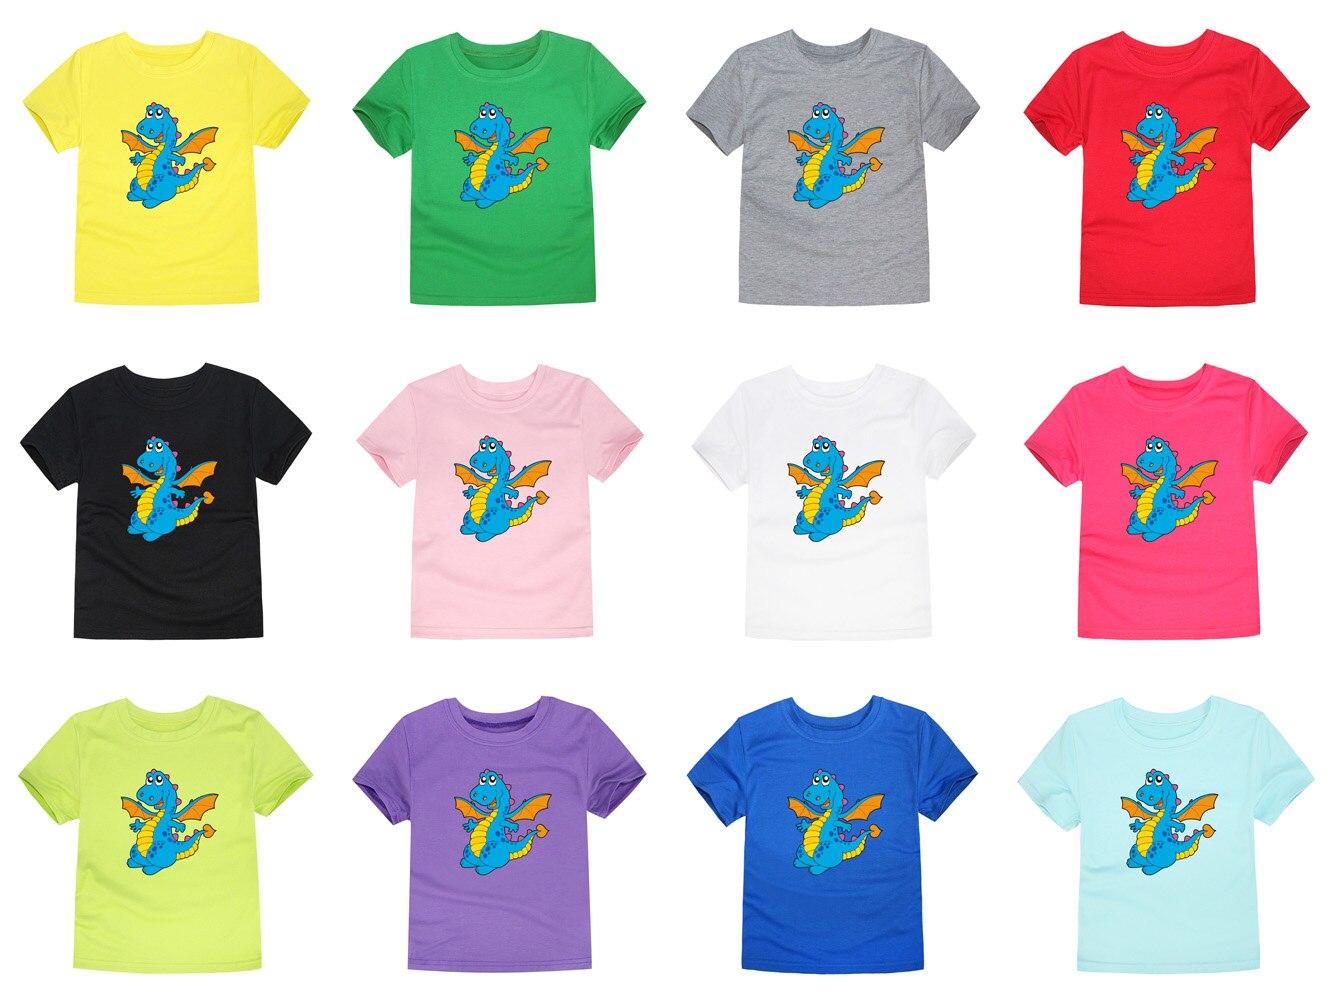 T-Shirt Kids Tops Short-Sleeve Dinosaur Baby-Boys-Girls Children Summer for 2-14-Years